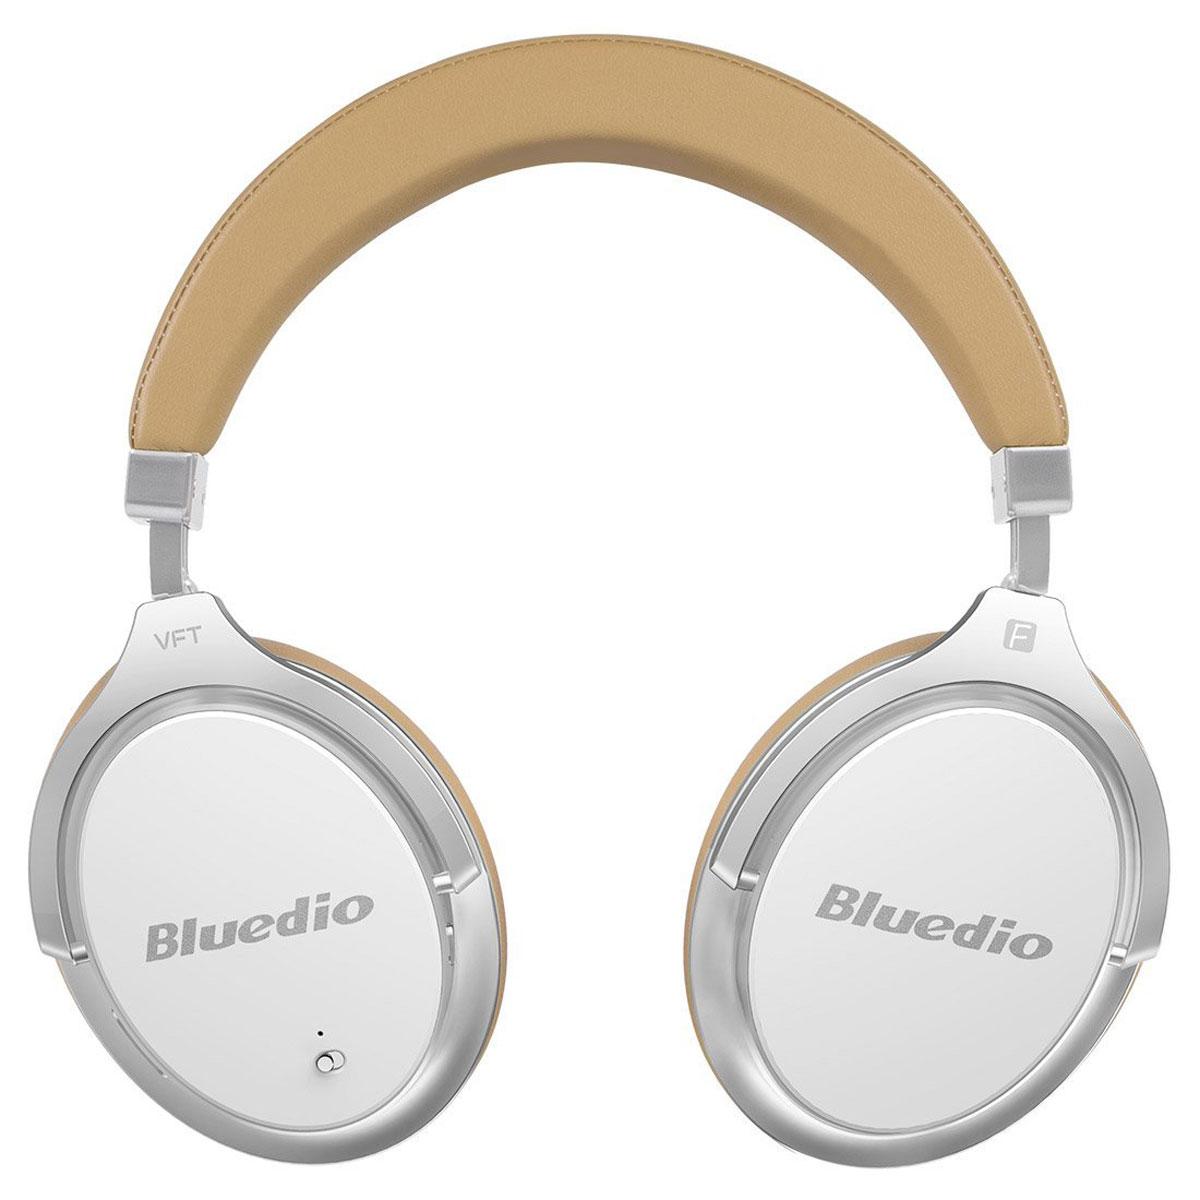 Bluedio Faith 2, White беспроводные наушникиFaith2 whiteБеспроводные наушники с микрофоном Bluedio Faith 2 можно подключать к мобильным устройствам благодаря технологии Bluetooth 4.2. Гарнитура работает от встроенного аккумулятора, которого хватит на 16 часов прослушивания музыки. Удобное широкое оголовье можно регулировать, а складная конструкция позволяет хранить или перевозить наушники в чехле. При желании их можно подключить к источнику аудио с помощью комплектного кабеля с разъемом 3.5 мм. Управление функциями осуществляется с помощью кнопок, расположенных на правой чашке наушников.Функция ANCРазрядность и частота дискретизации: 24 бит/48 кГцВремя зарядки аккумулятора: 1,5 часа